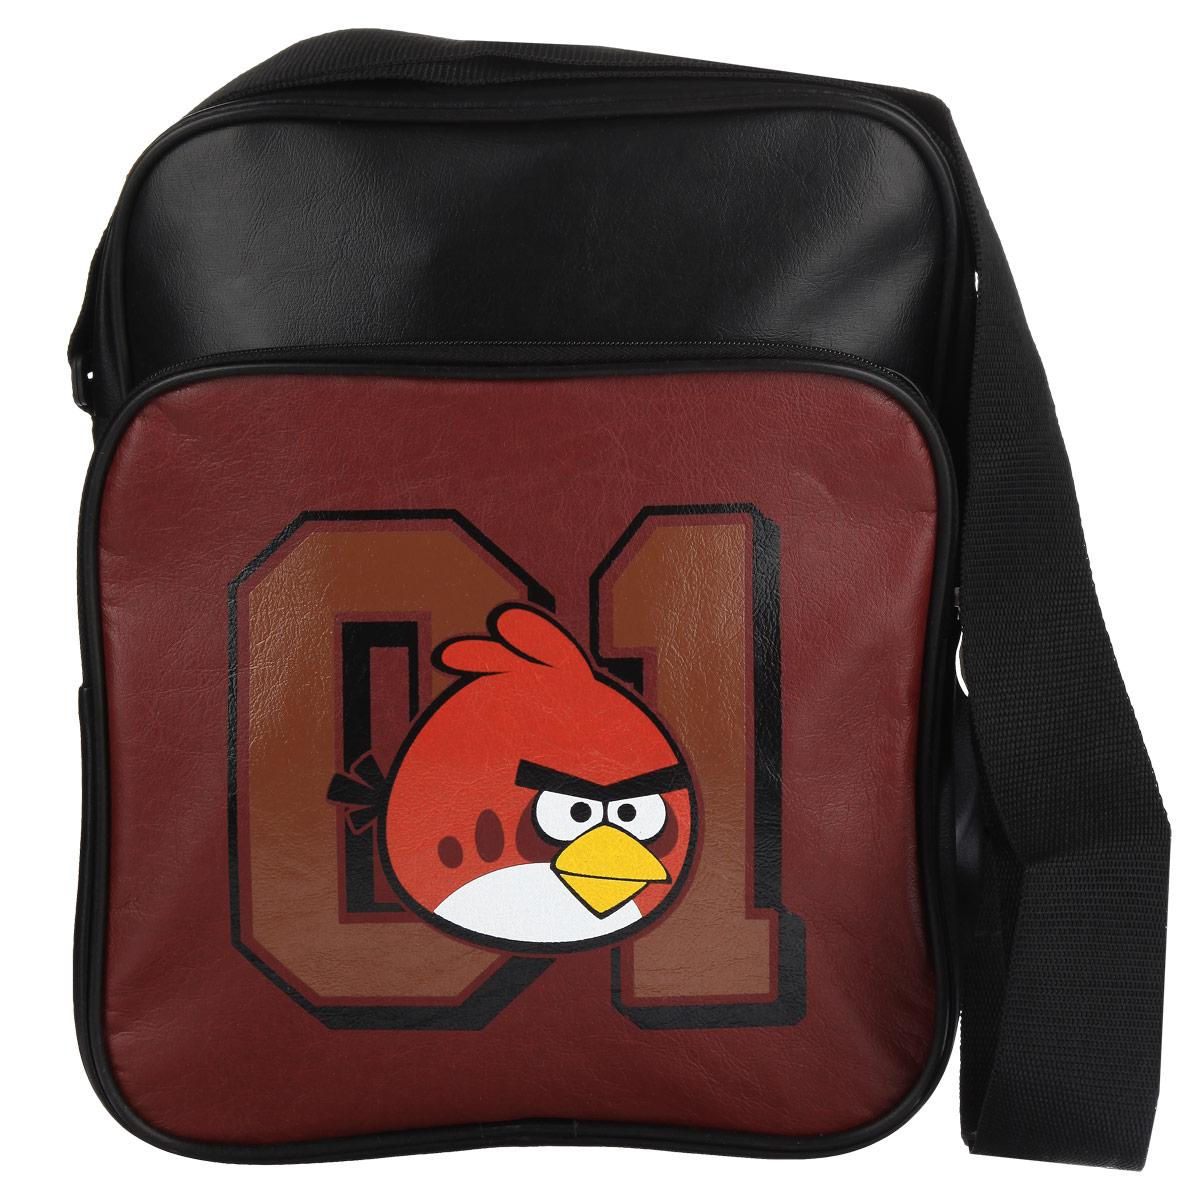 Сумка Angry Birds Красная птица, цвет: черный, бордовый. 8481372523WDСумка молодёжная Angry Birds Красная птица сочетает в себе современный дизайн, функциональность и долговечность. Сумка выполнена из кожзаменителя и содержит одно вместительное отделение, застегивающееся на застежку-молнию. Внутри имеется дополнительный карман-разделитель на молнии.На лицевой стороне сумки находятся карман на застежке-молнии. Внутри имеется нашивной карман и фиксаторы для пишущих принадлежностей. На задней стороне сумка имеет дополнительный карман на молнии.Сумка оснащена плечевым ремнем, регулируемой длины.